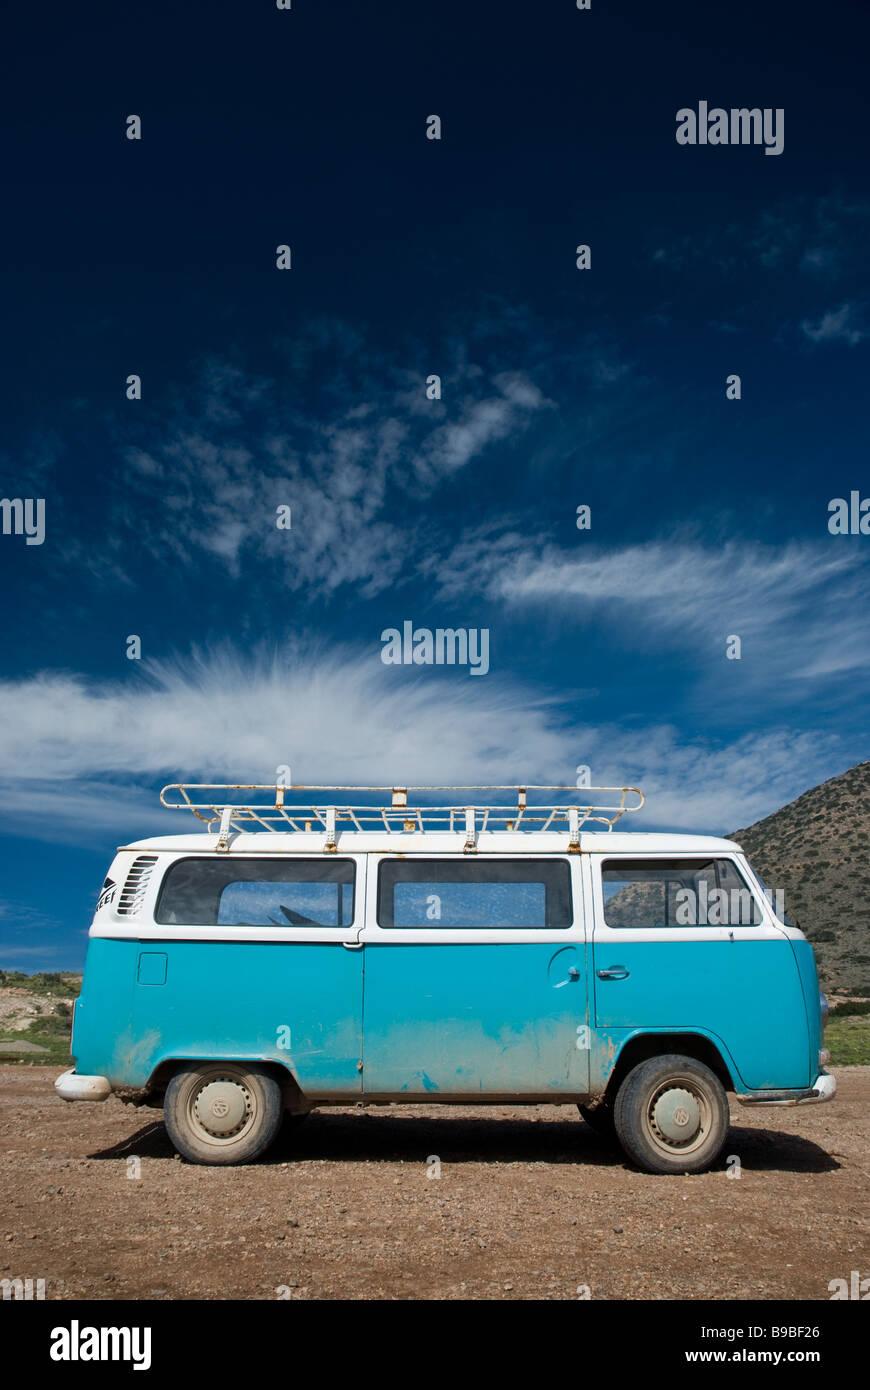 A Volkswagen Kombi van parked at Boilers surf break on Cap Rihr in Morocco. - Stock Image